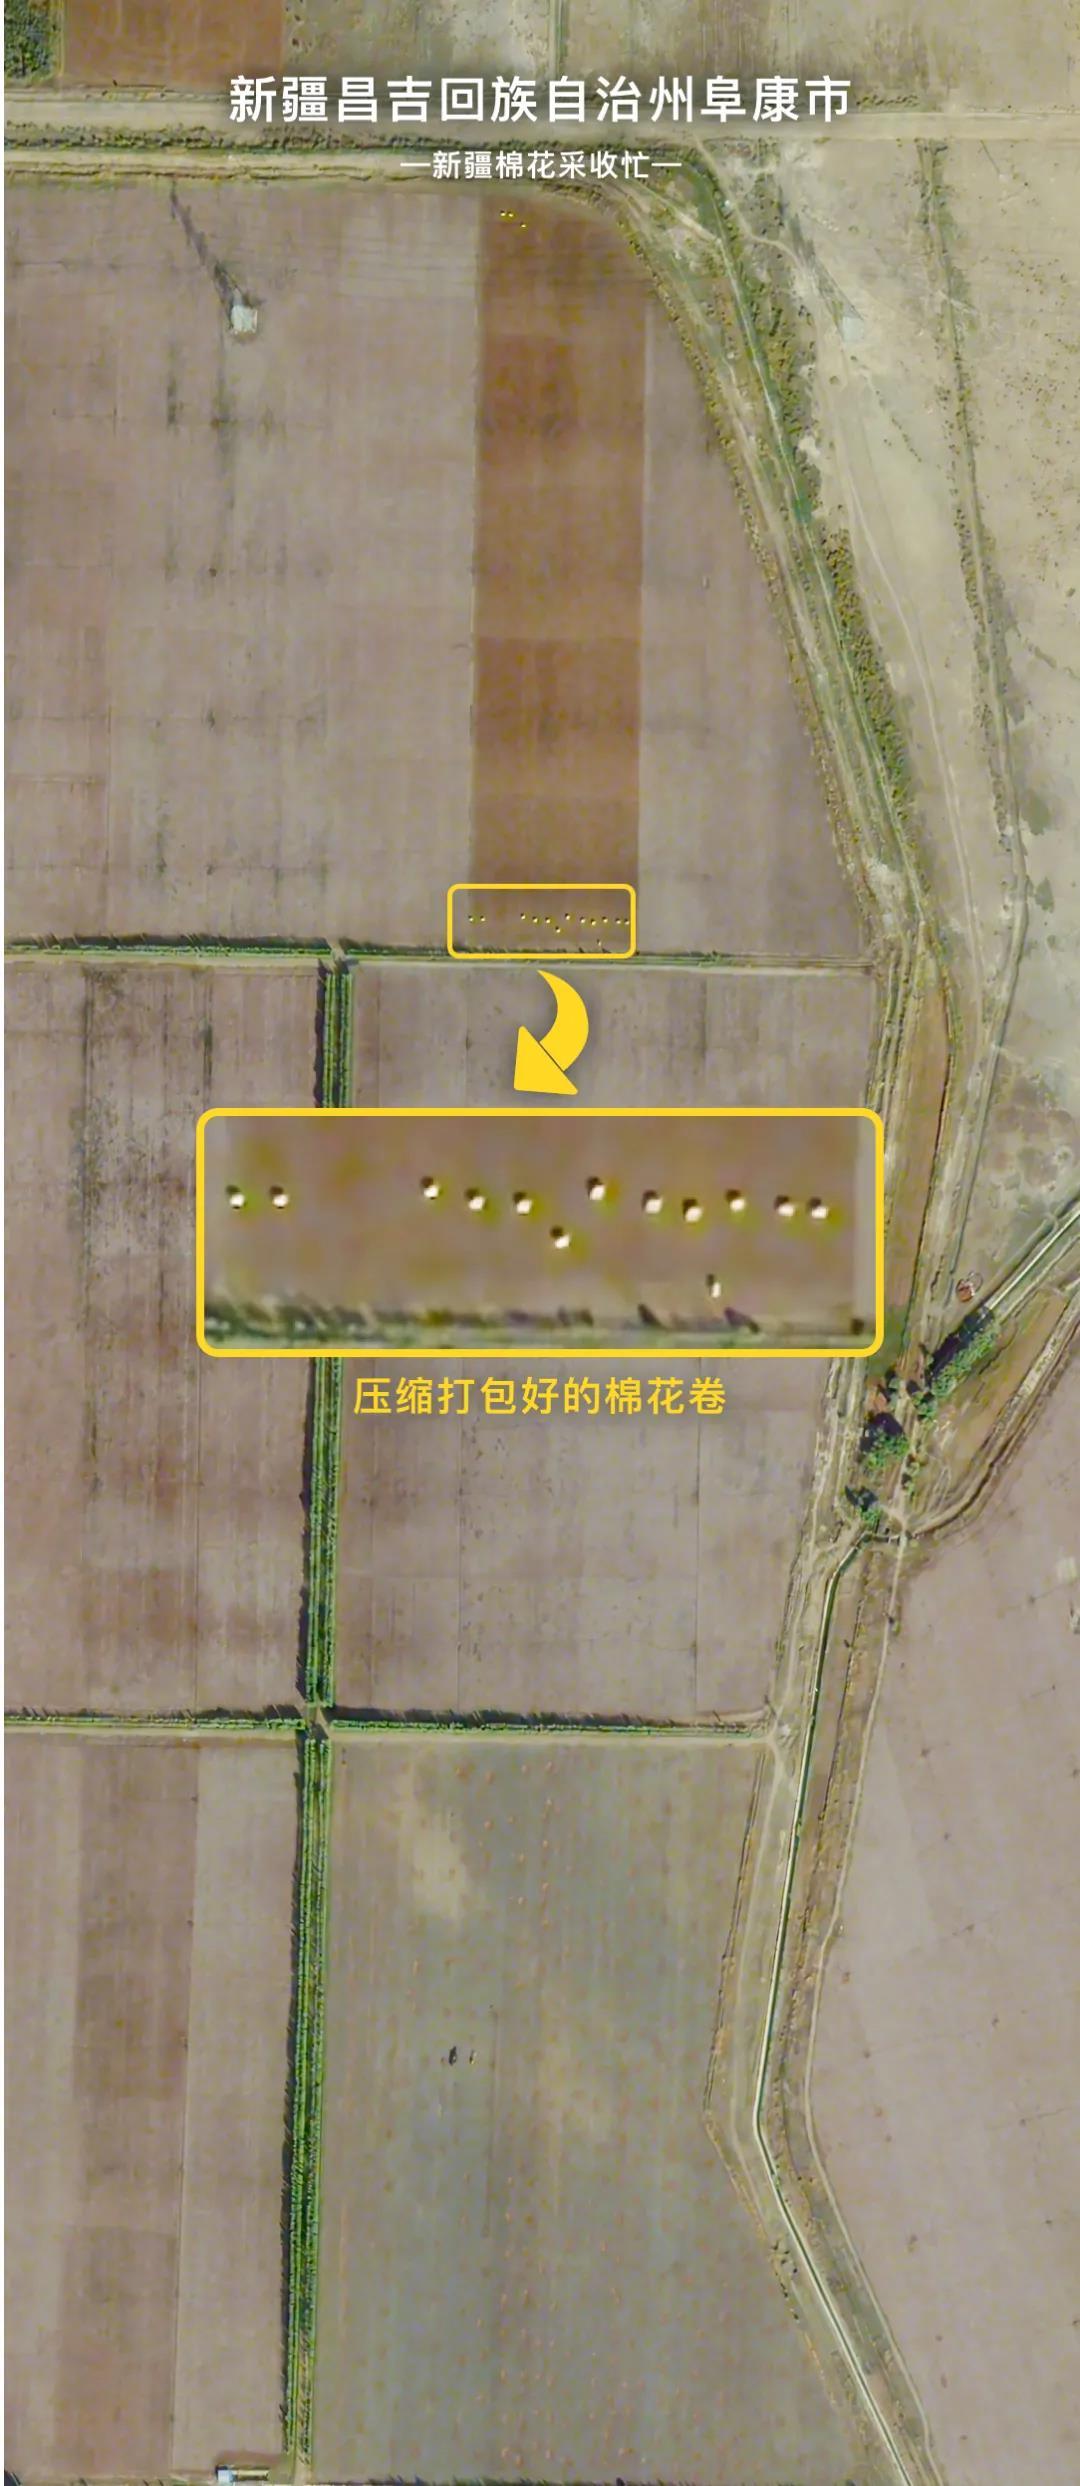 """新疆棉花大丰收啦!卫星图直击""""机械化""""现场"""